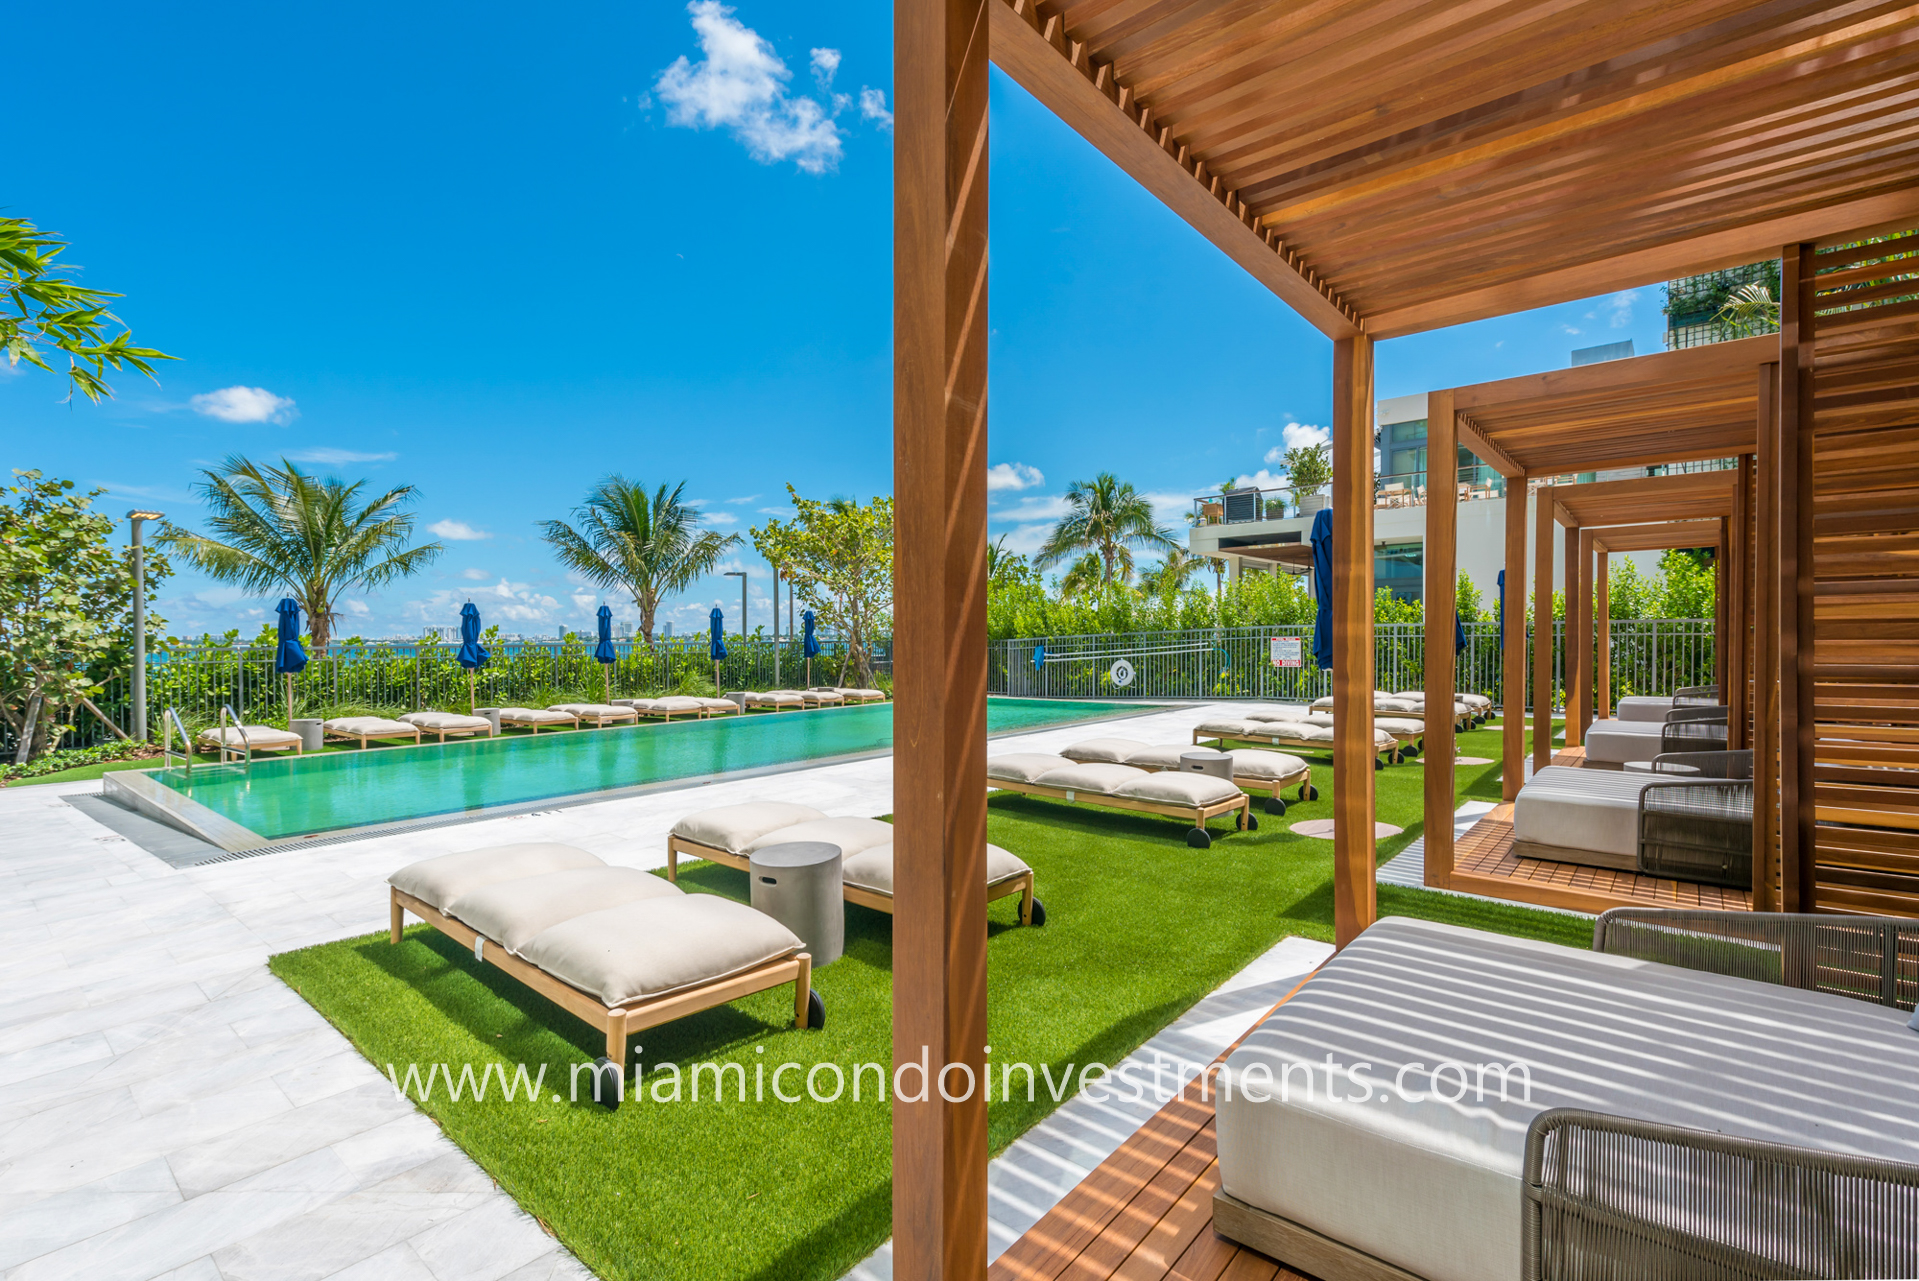 One Paraiso cabanas